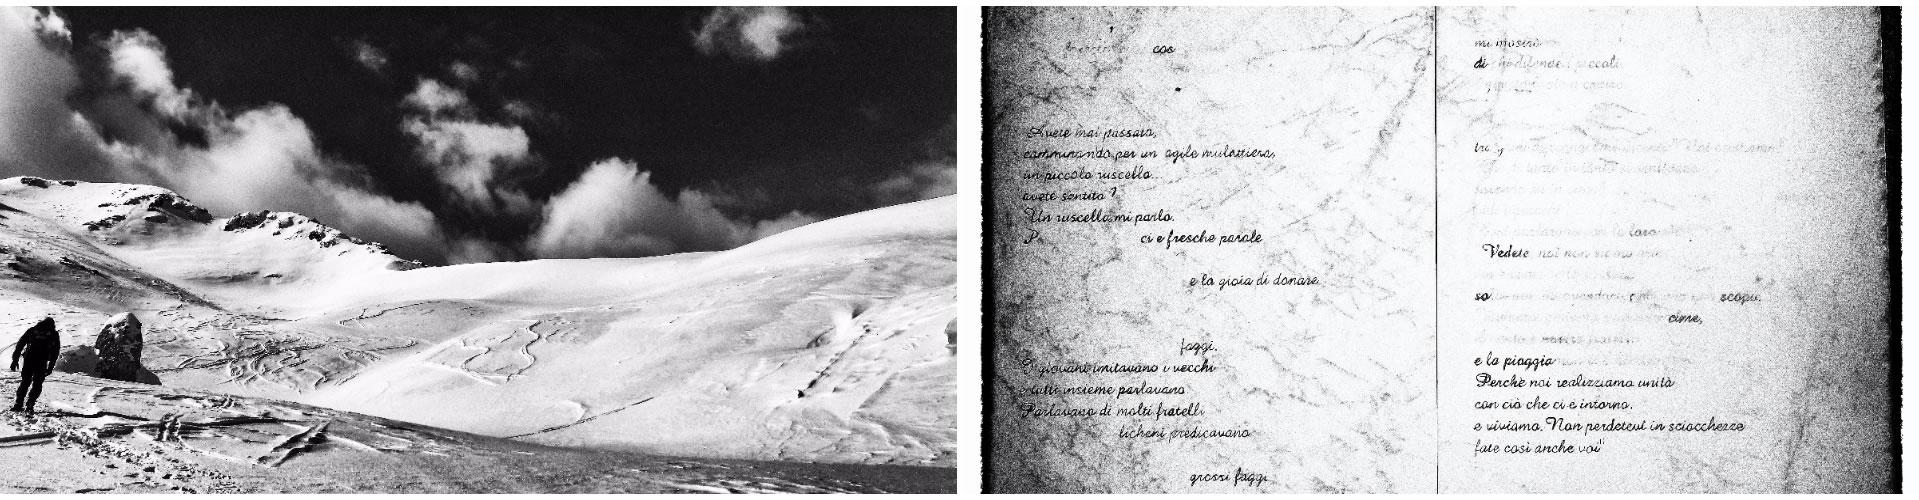 Passo Cavuto, Parco Nazionale d'Abruzzo, Lazio e Molise. Citazione di Claudio Miccoli, rifugio di Forca Resuni, Parco Nazionale d'Abruzzo, Lazio e Molise.